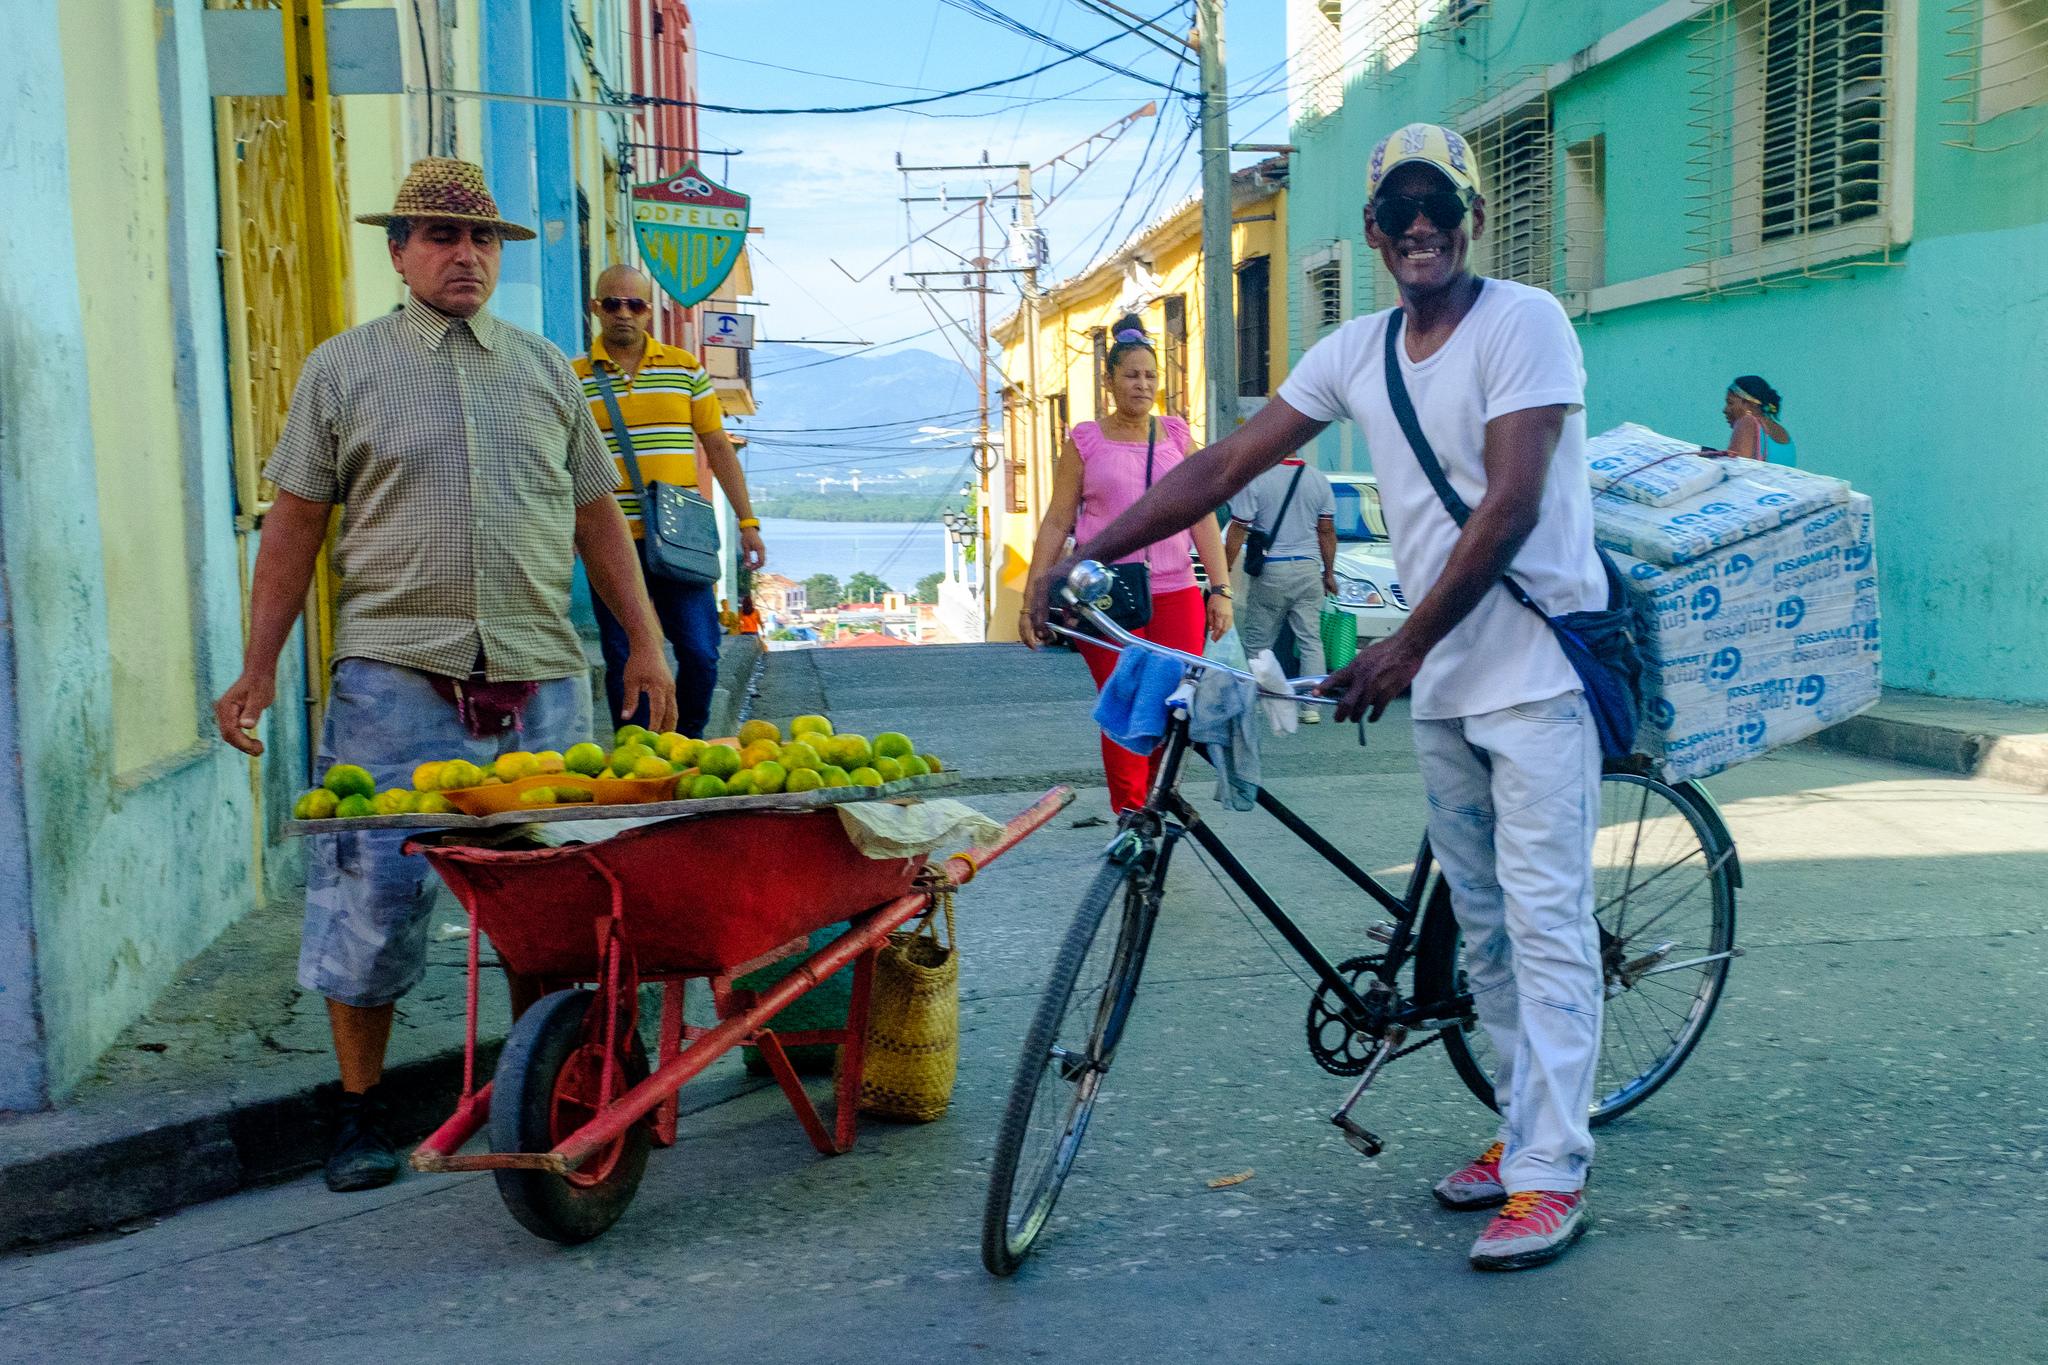 Santiago De Cuba Ben Howe_6.jpg